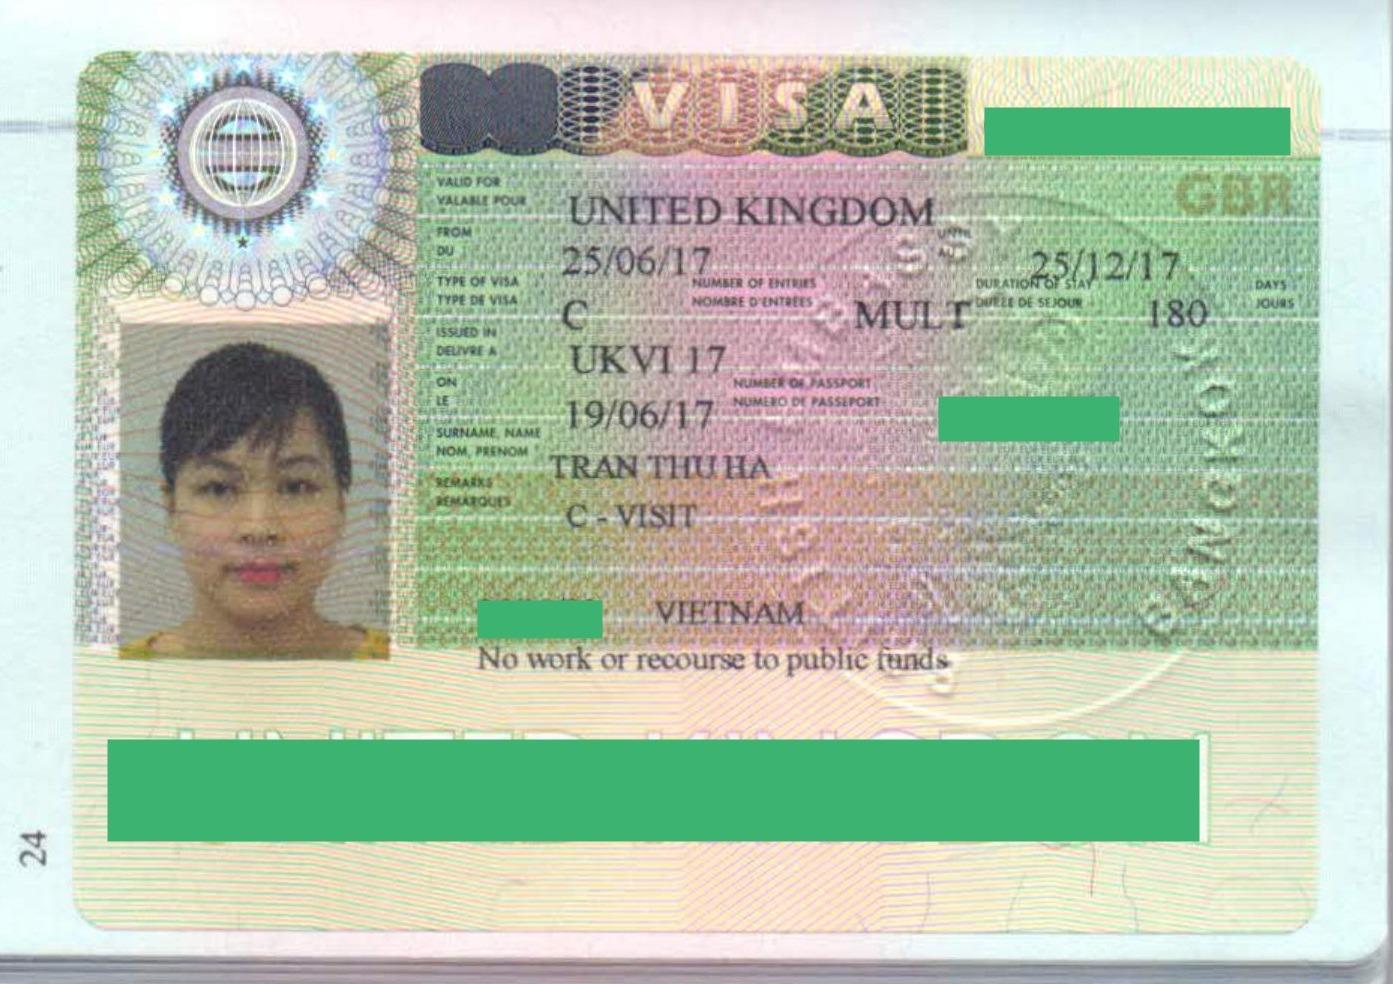 Chúc mừng đoàn du học hè Công ty Quang Minh đã nhận được visa tham dự Chương trình trại hè tại Trường Sprachcaffe – Brighton, Anh